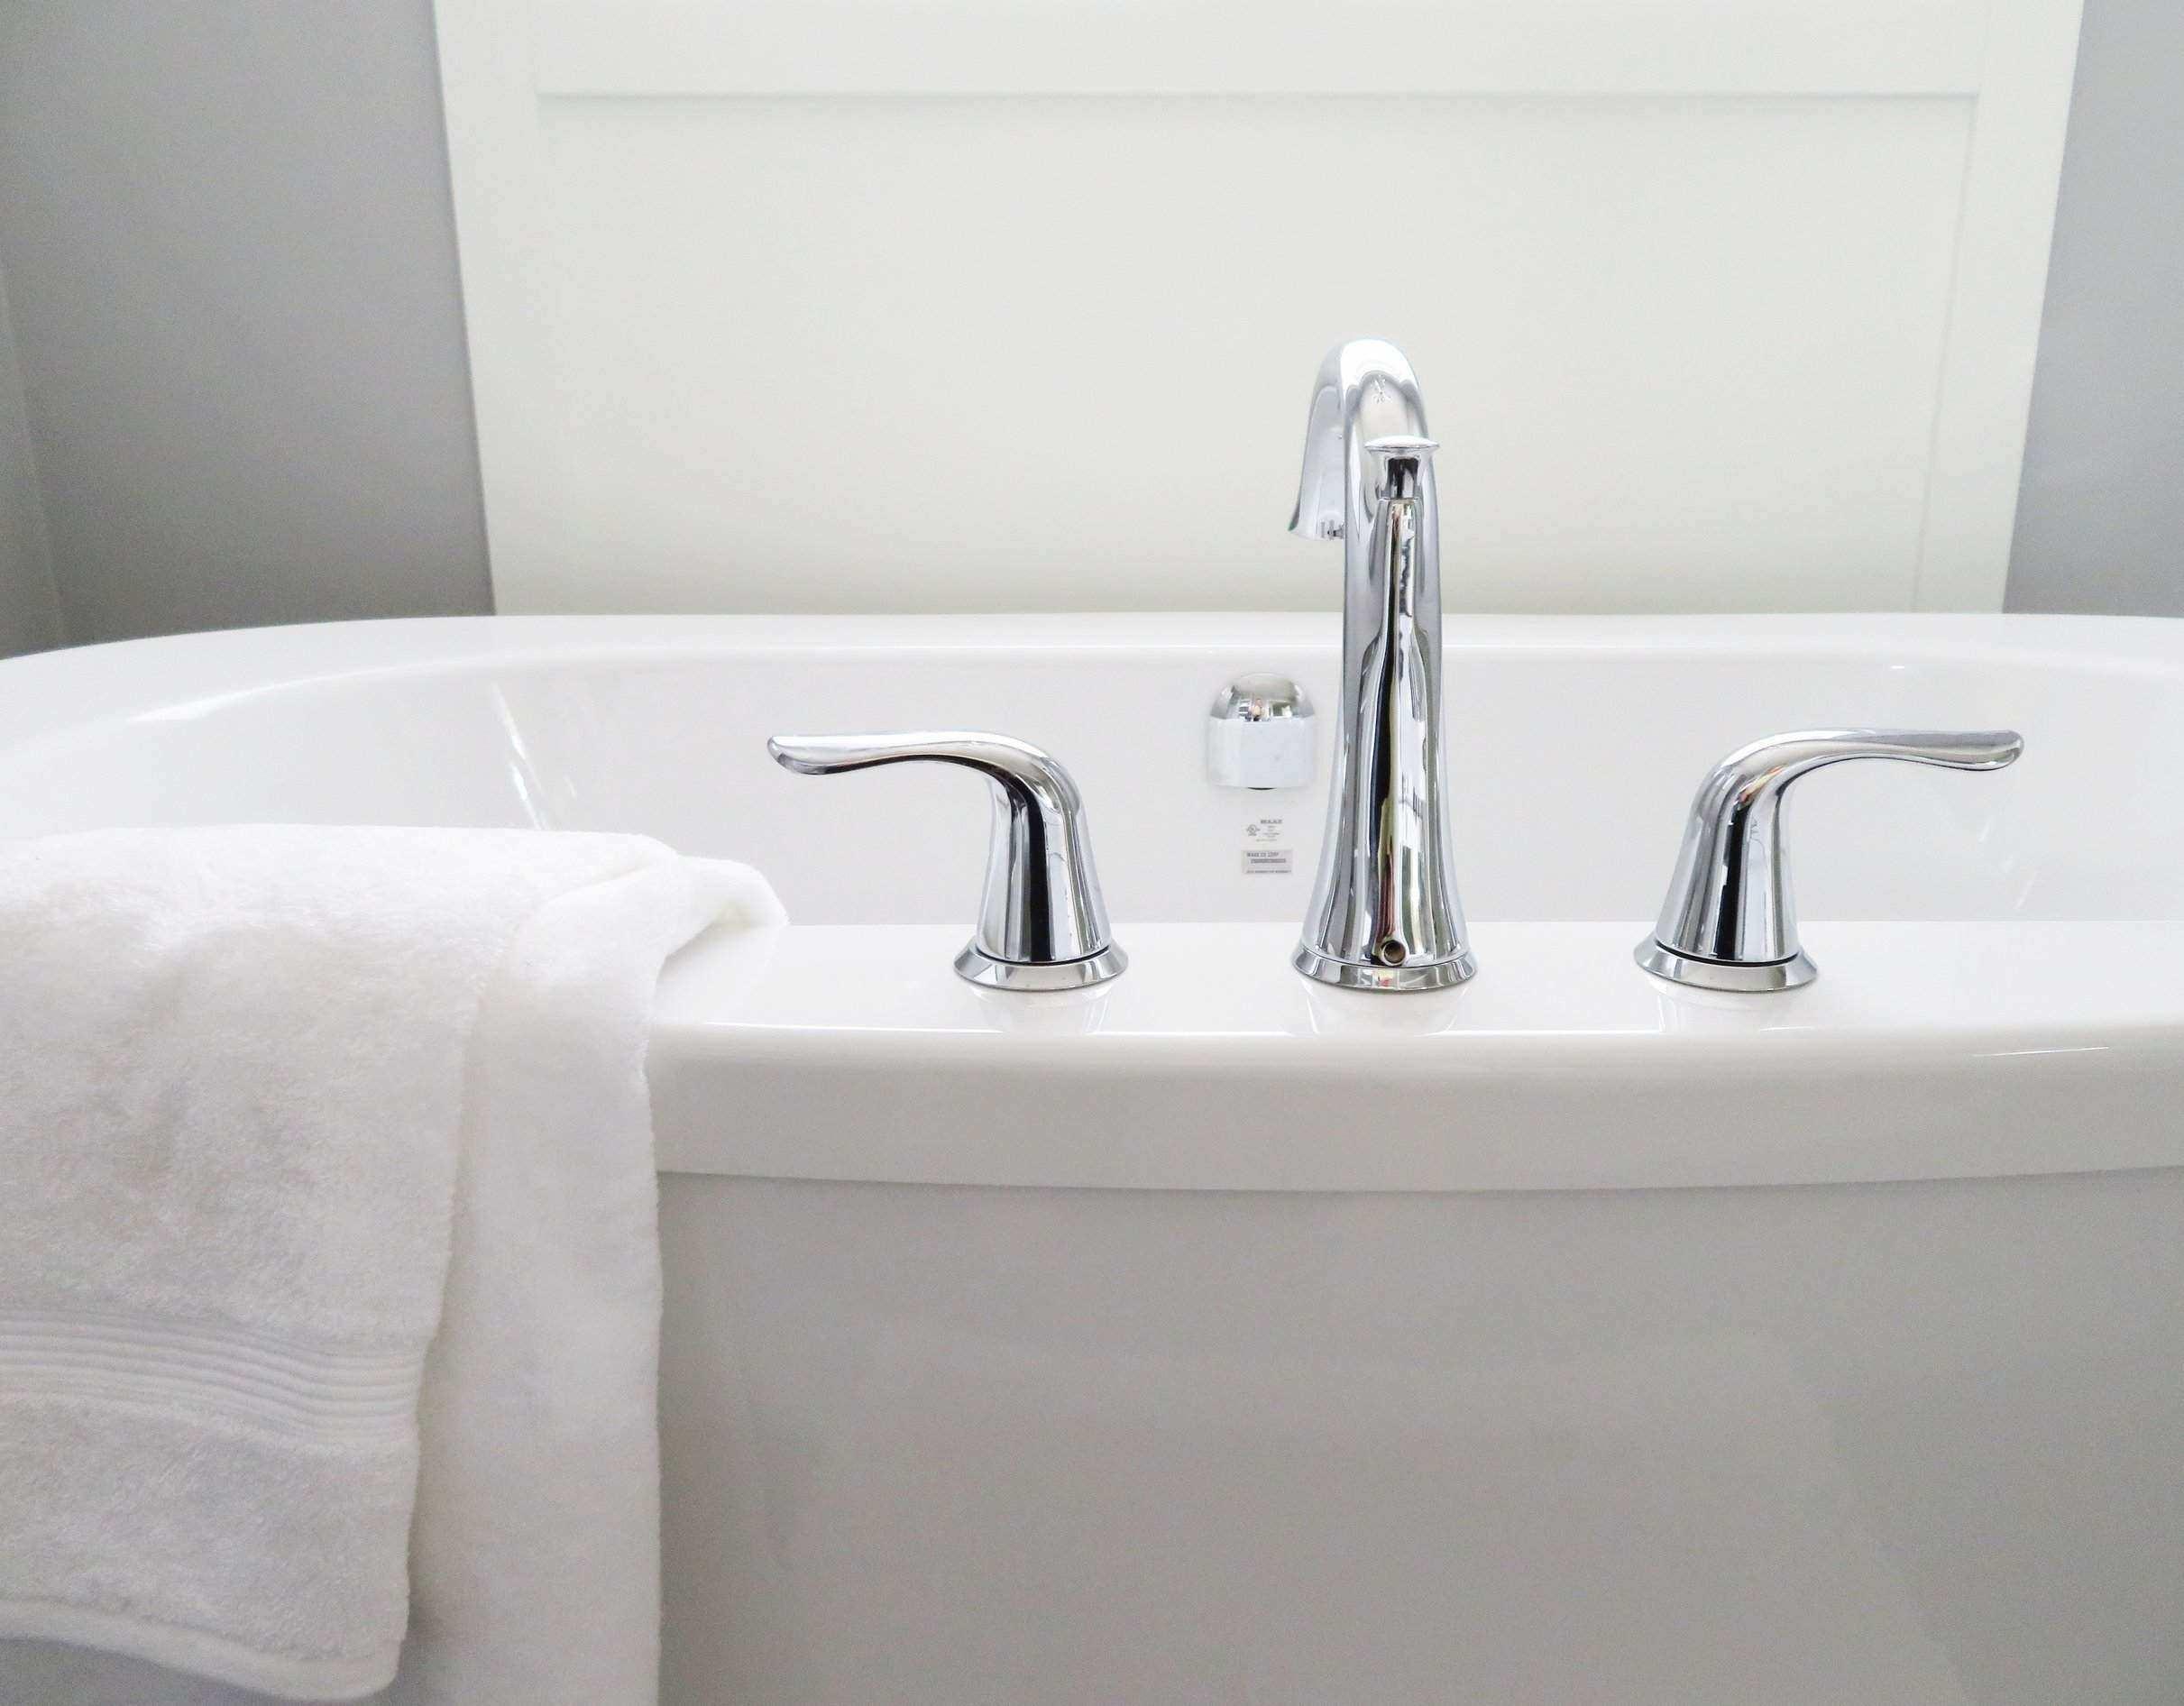 Disinfettante Bagno Naturale : Come disinfettare il bagno sterilizzare guide e consigli su